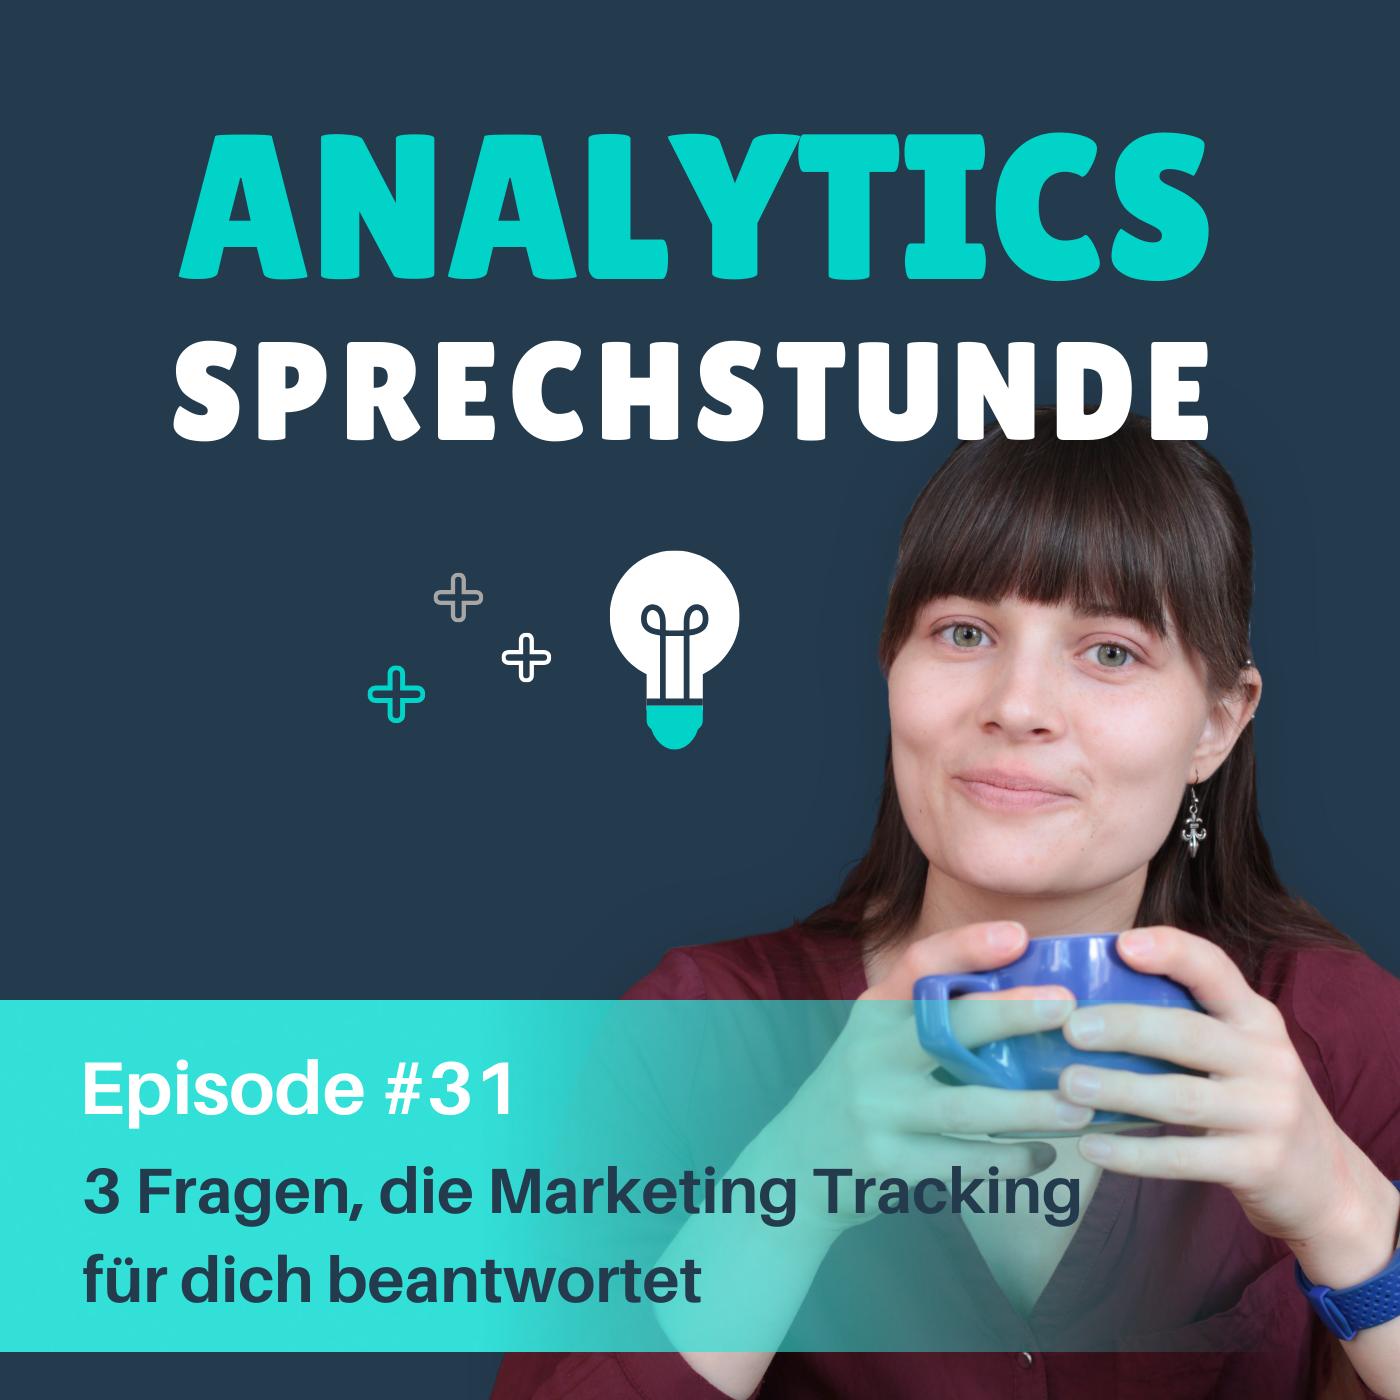 3 Fragen die Marketing Tracking für dich beantwortet